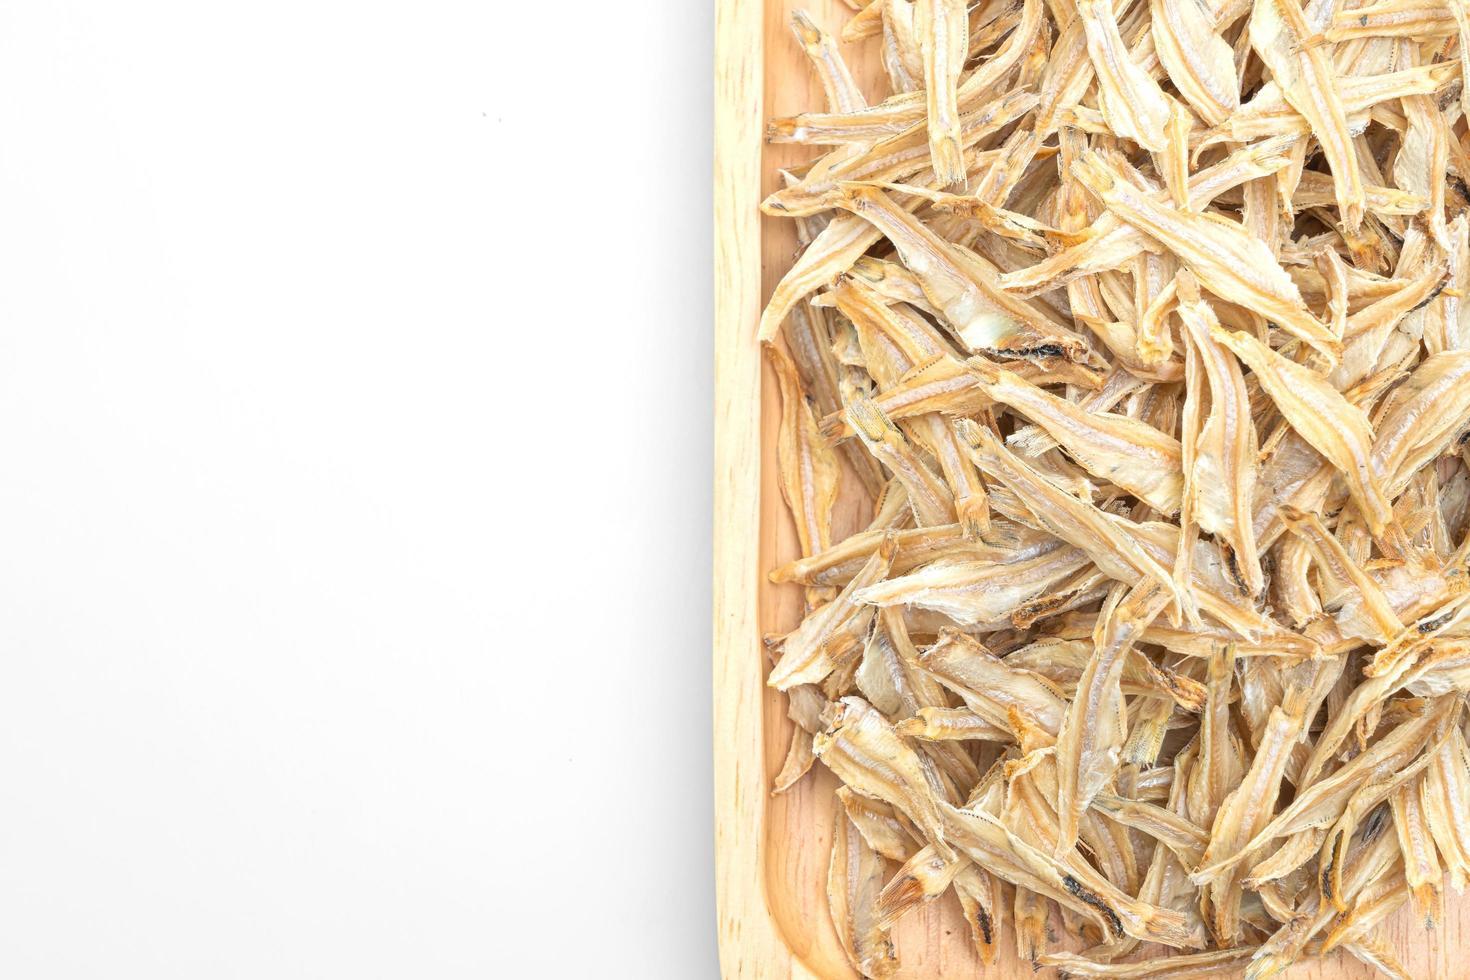 gedroogde kleine krokant gebakken vis geïsoleerd op een witte achtergrond foto